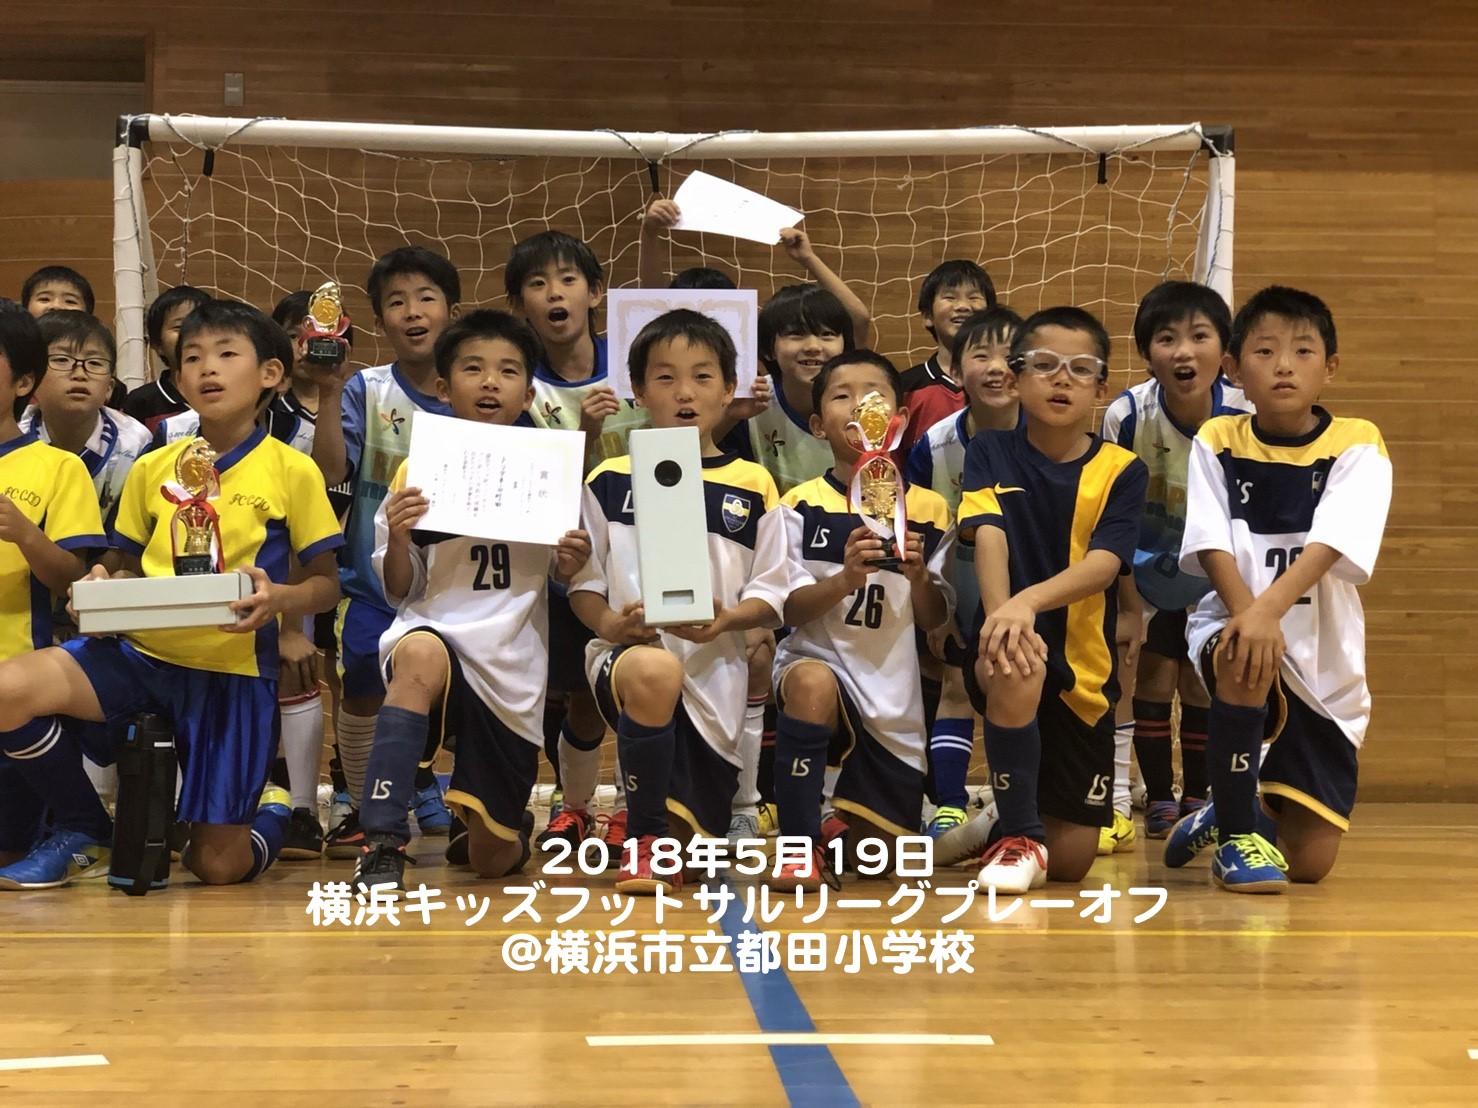 180519 横浜キッズリーグ_180608_0001